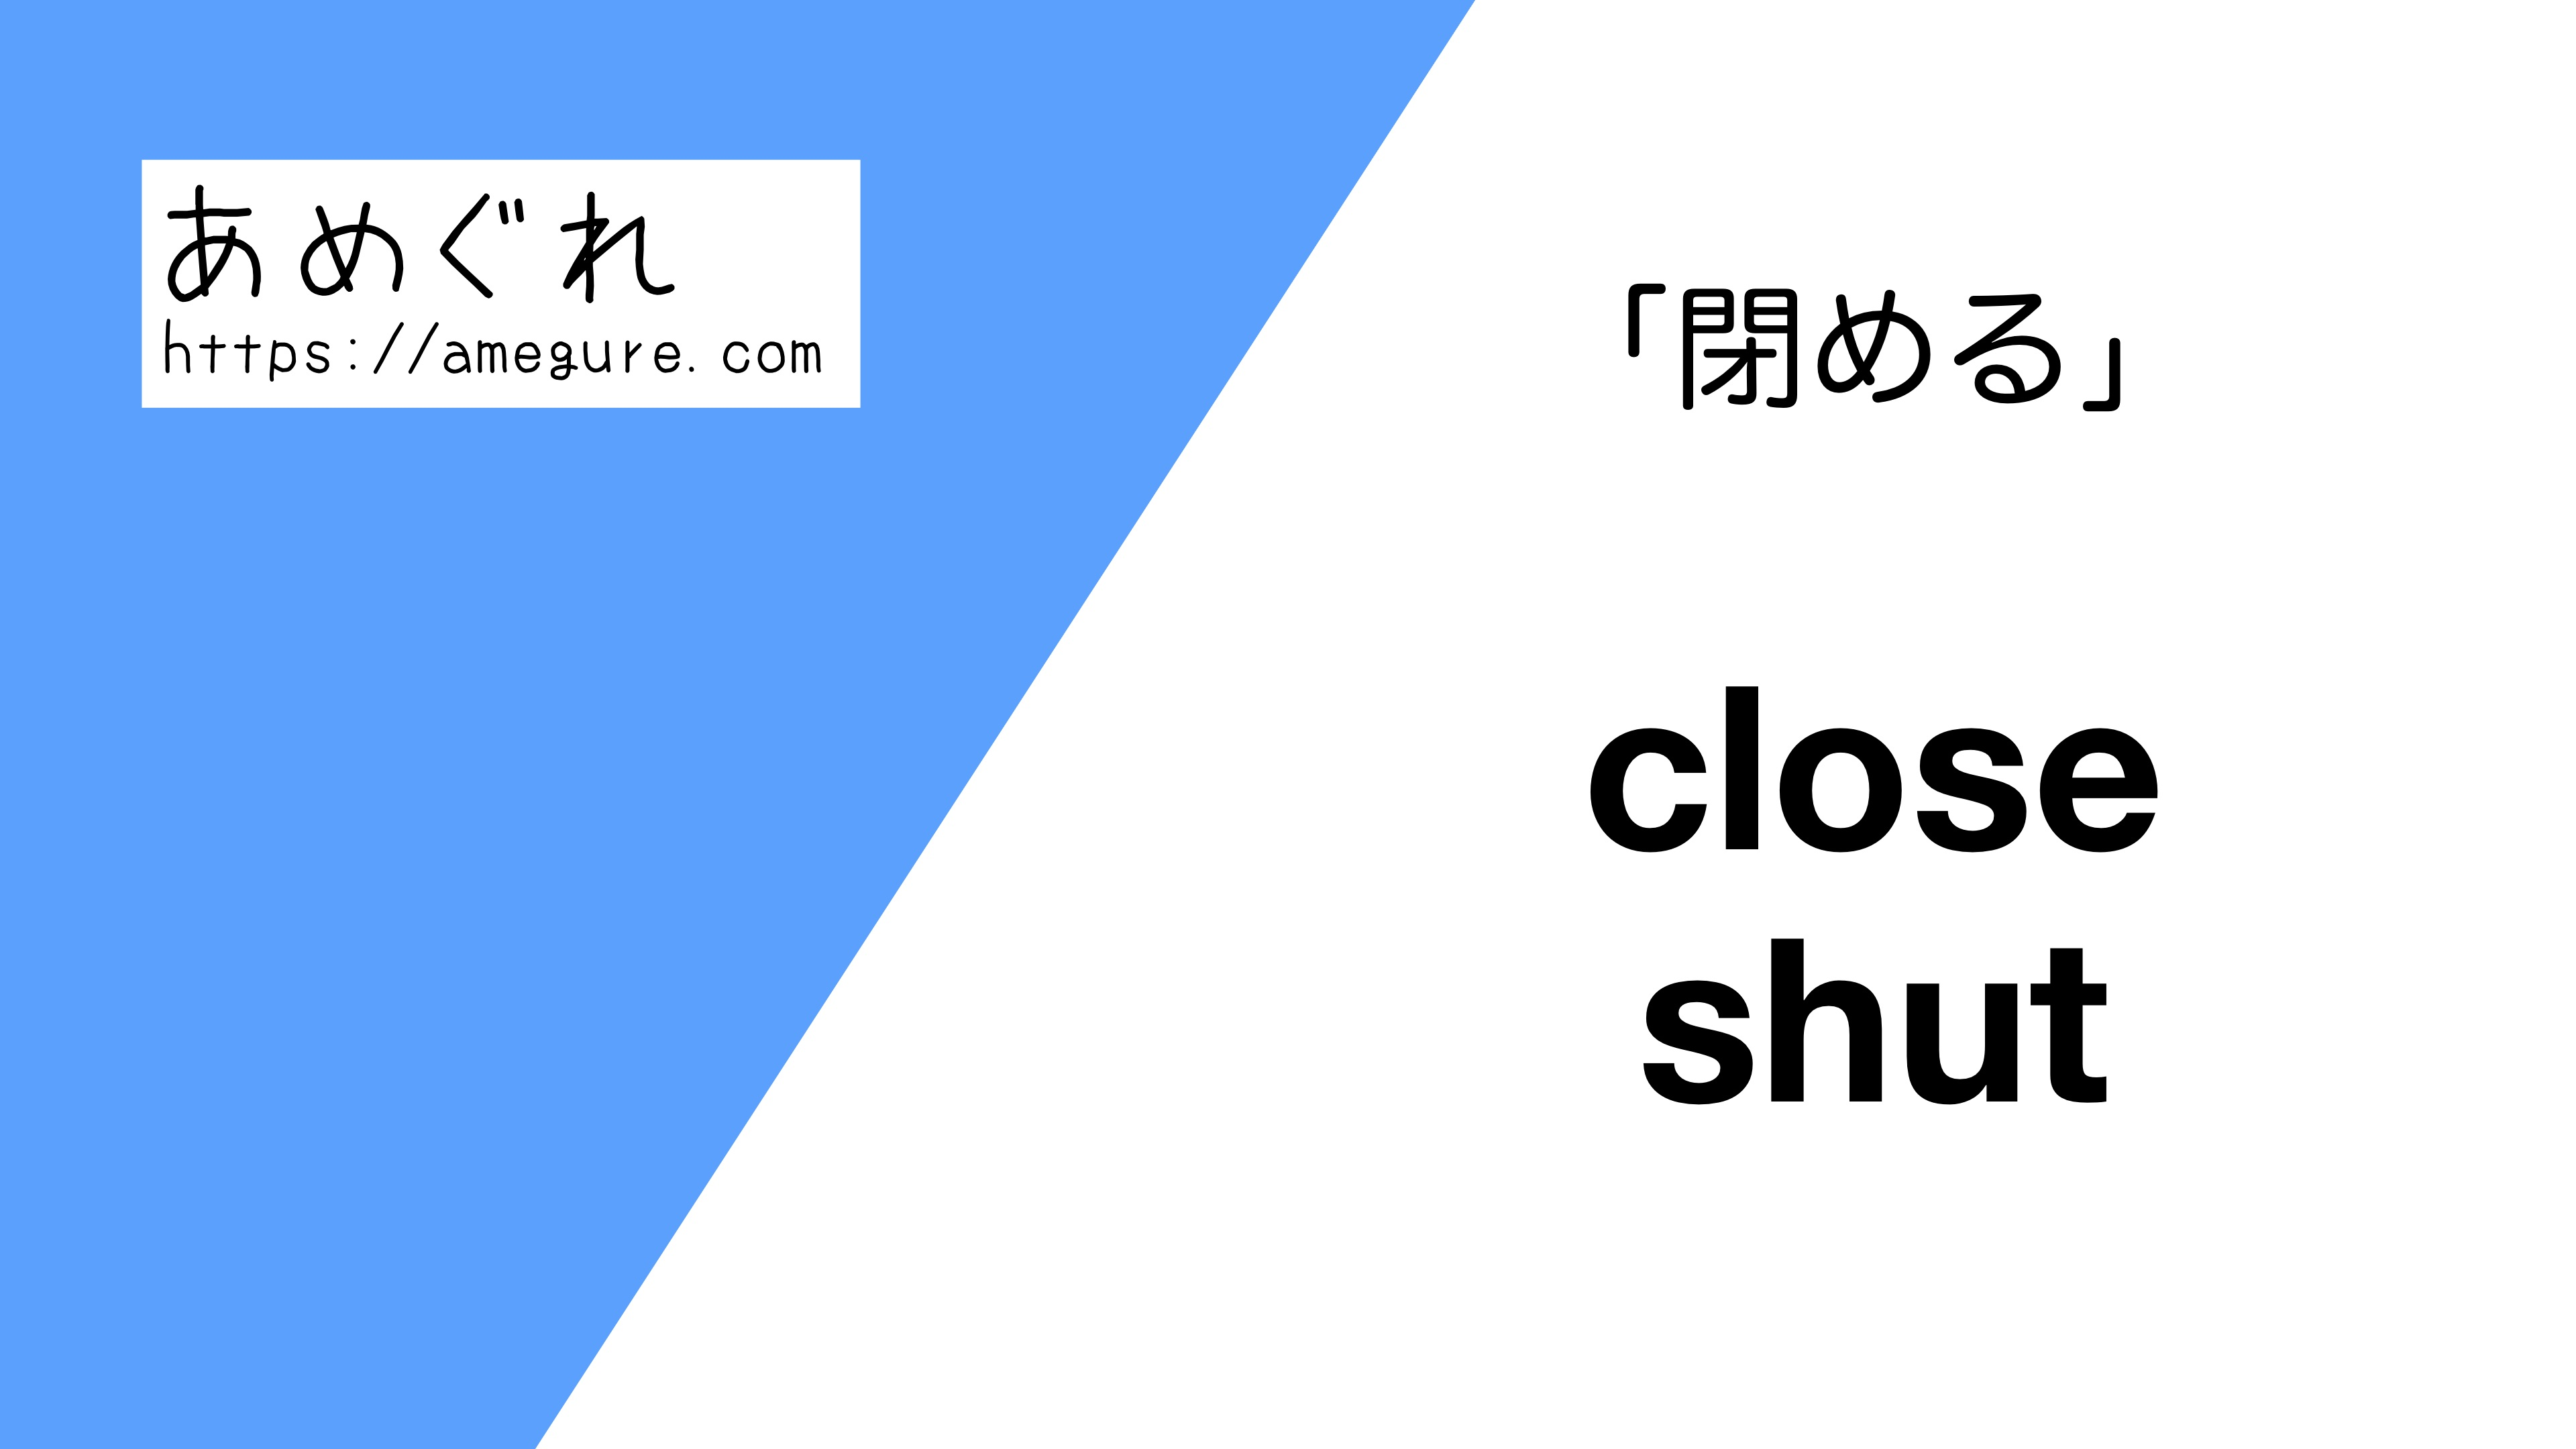 close-shut違い